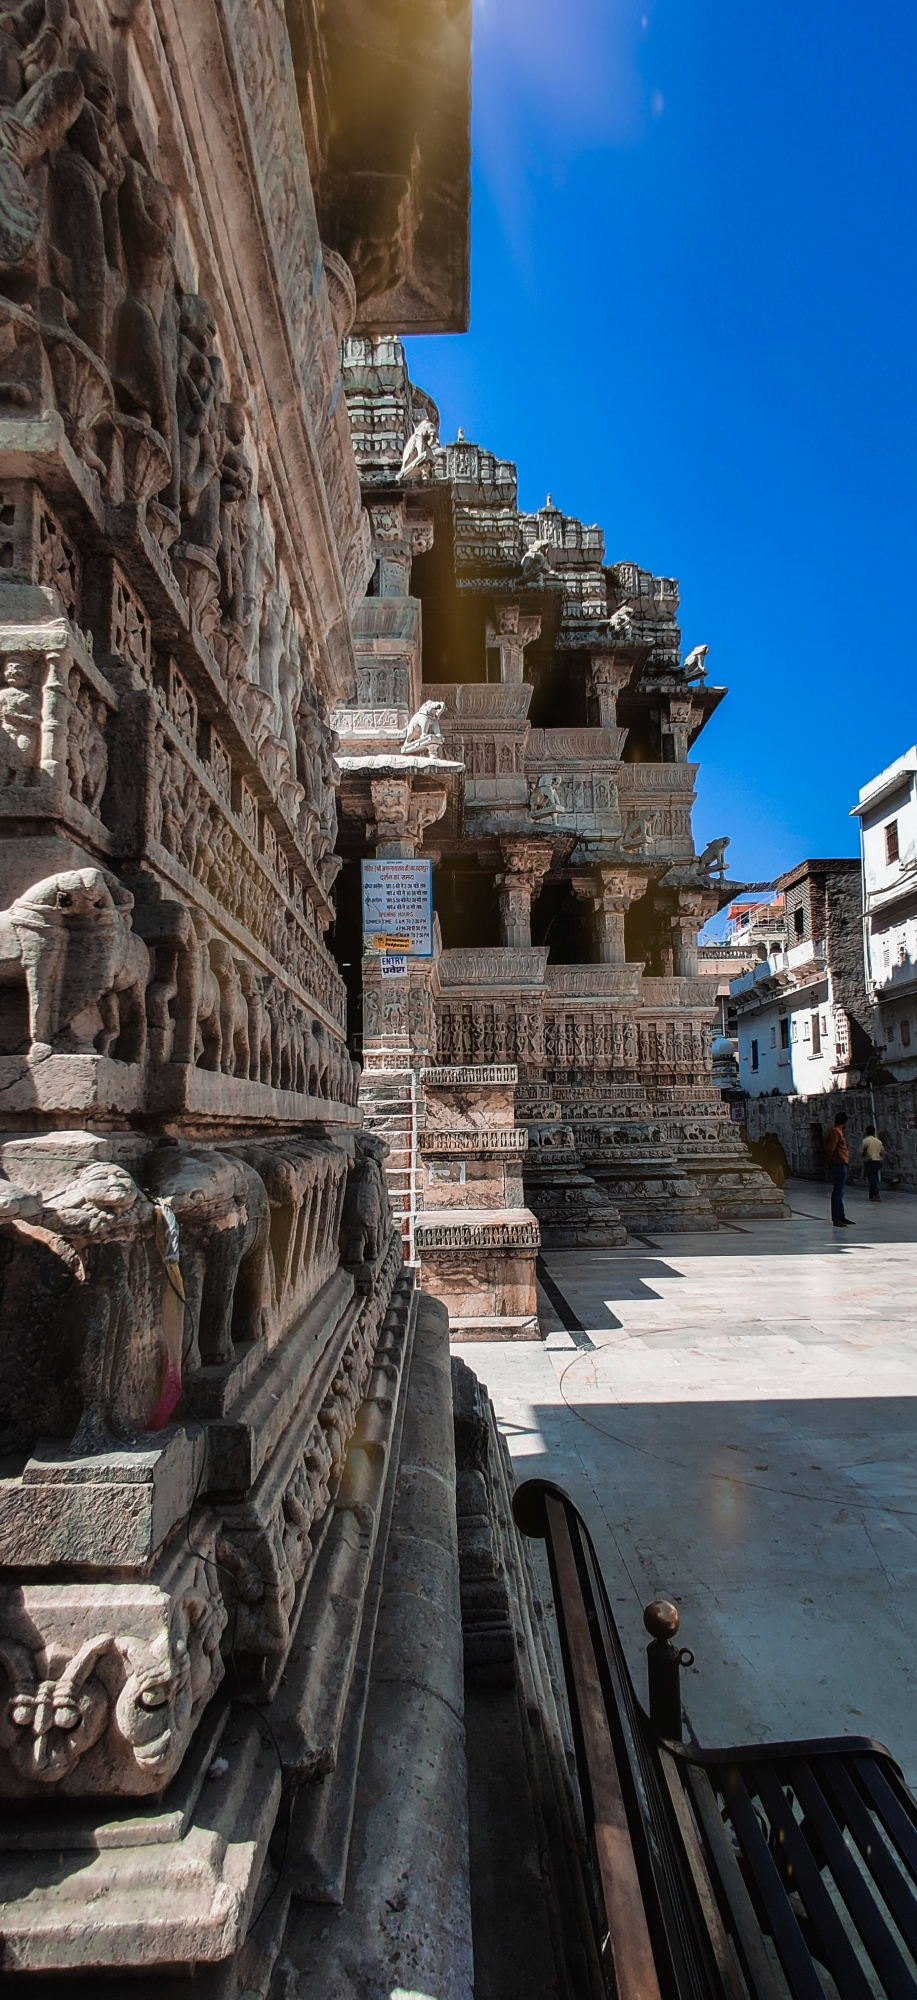 Lord Jagannathrai temple of Udaipur